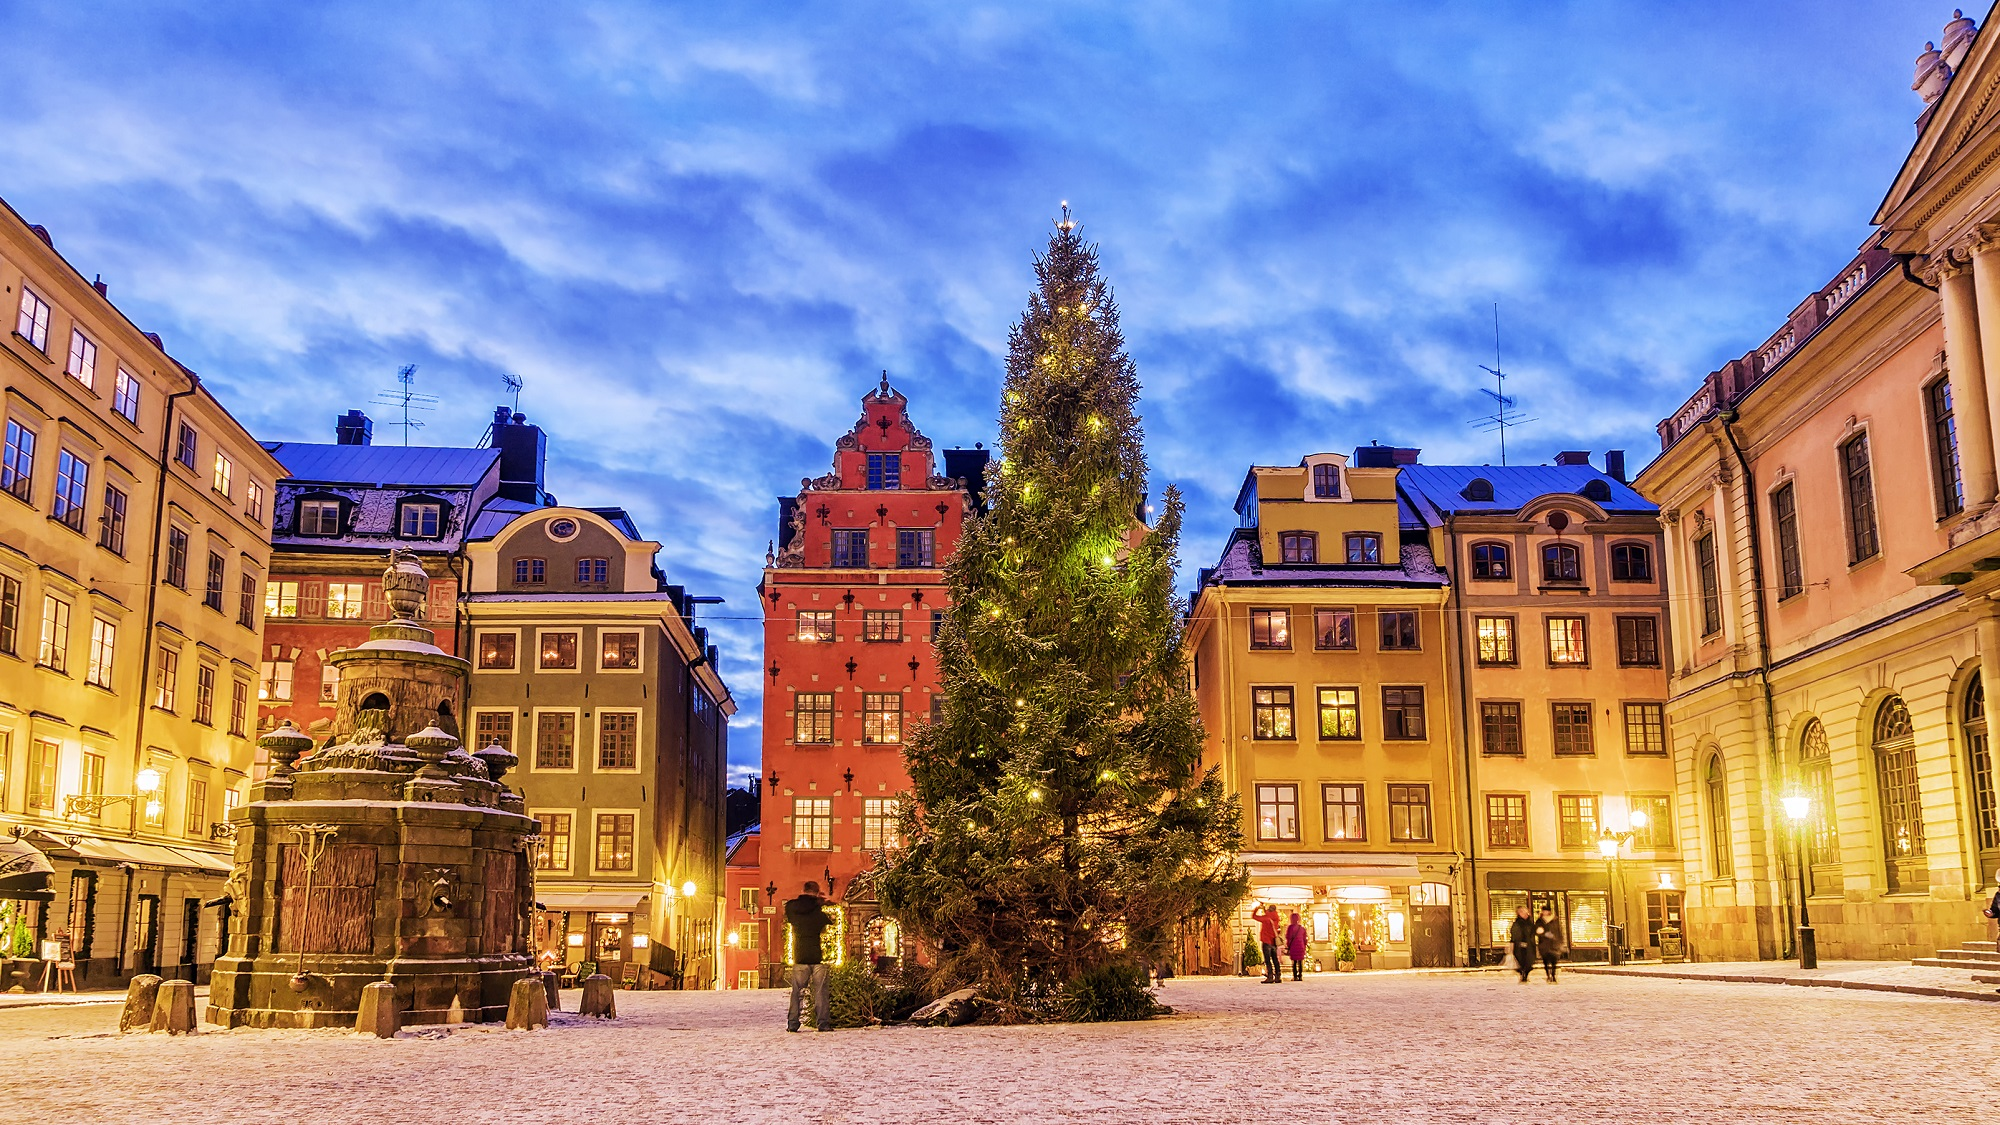 Stokholma, Zviedrija, Gamla Stan, Vecpilsēta, pilsētas laukums, ziemassvētku egle, ziemassvētku tirdziņi